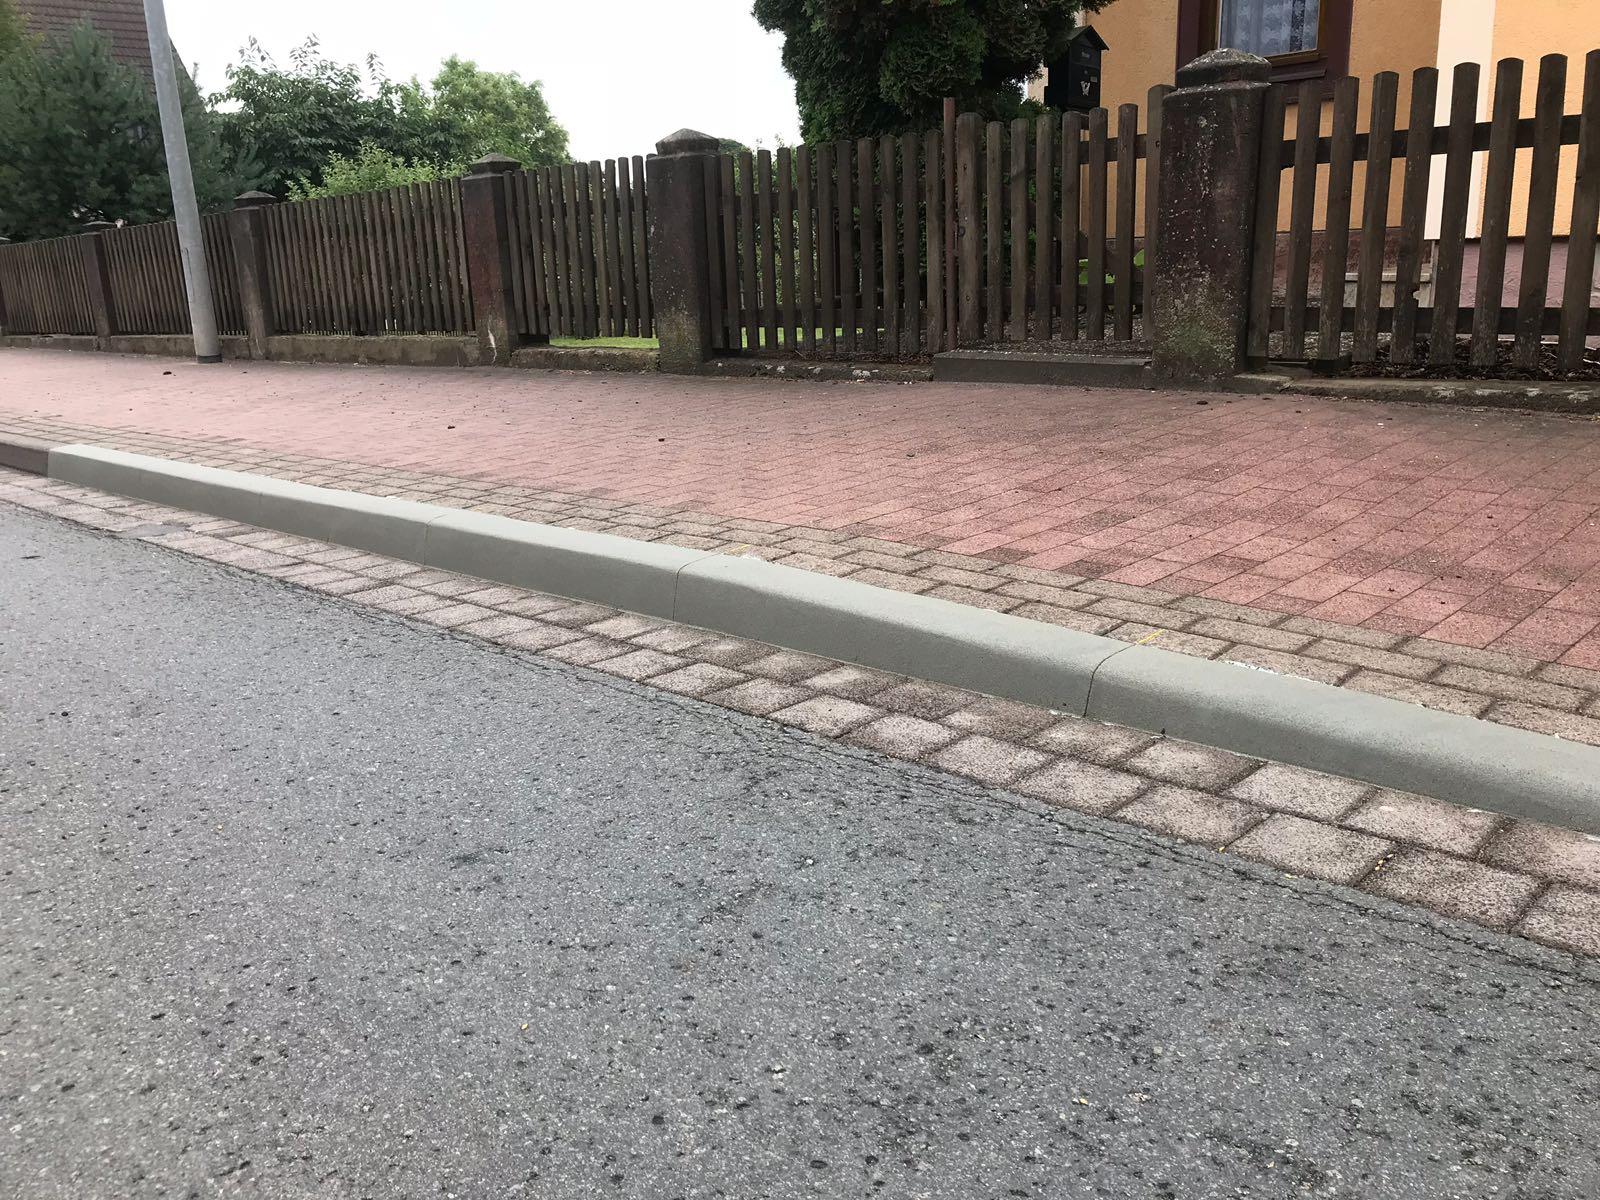 Sanierung Manöverschaden am Bordstein und Strasse, Gehweg